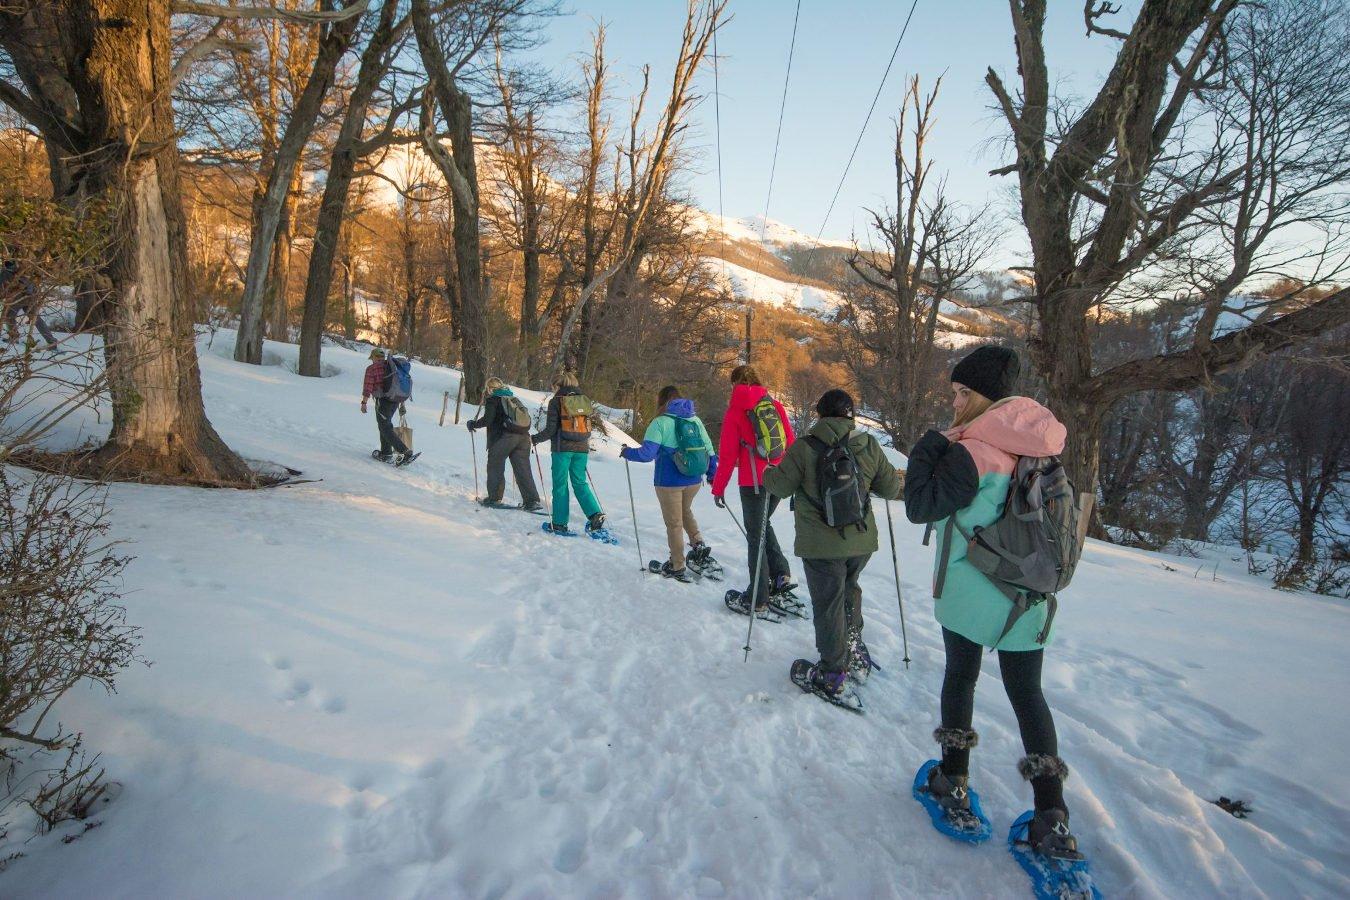 personas caminando con raquetas de nieve en el cerro chapelco montaña san martin de los andes